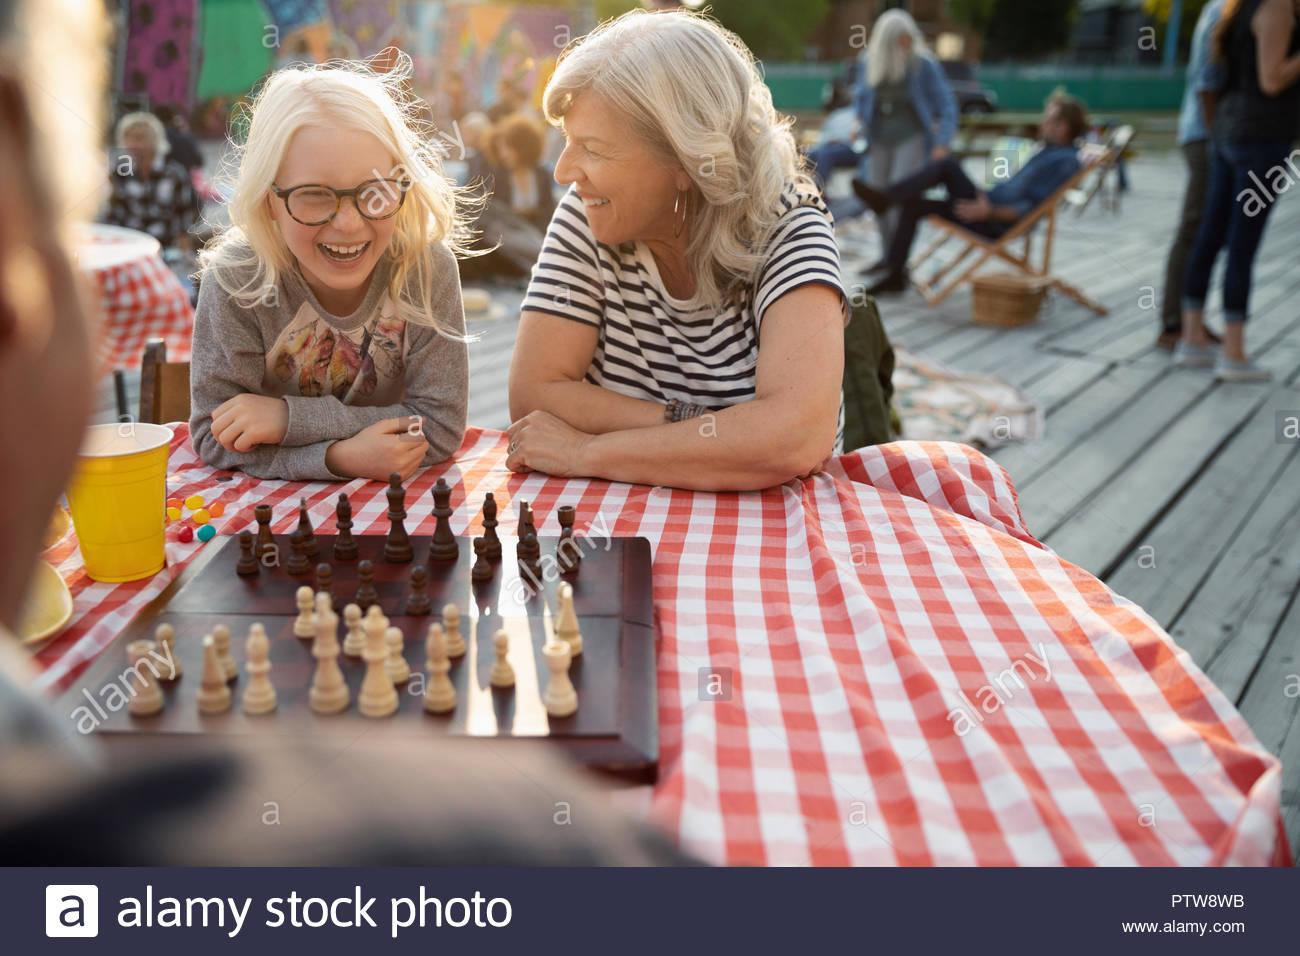 Nonna e nipote giocare a scacchi in posizione di parcheggio Immagini Stock